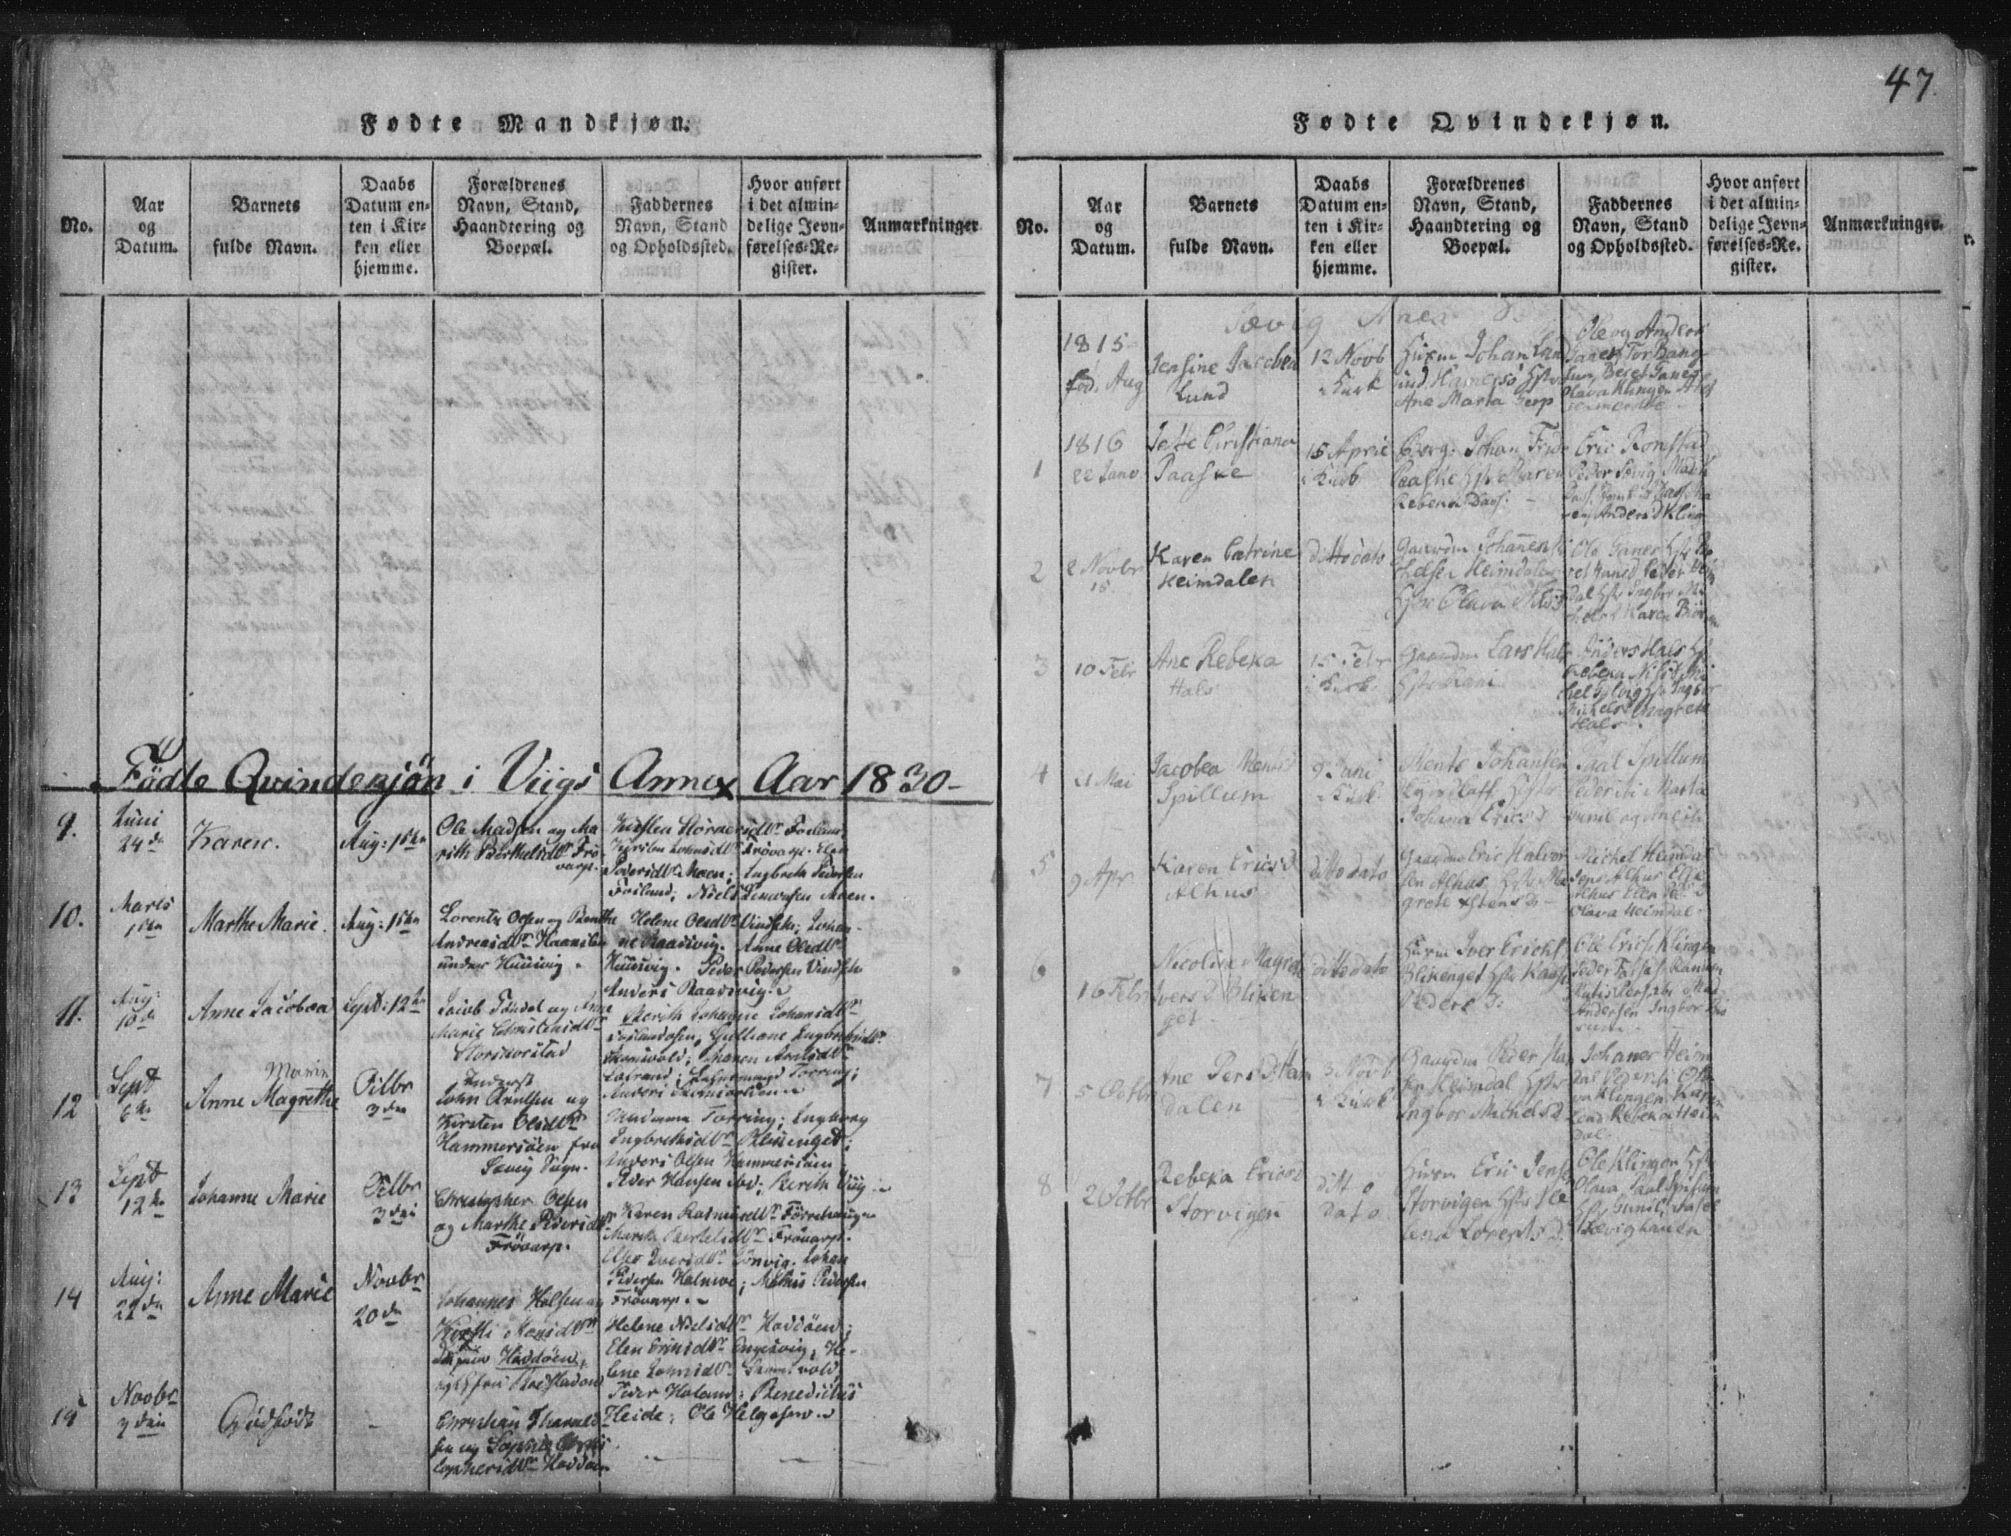 SAT, Ministerialprotokoller, klokkerbøker og fødselsregistre - Nord-Trøndelag, 773/L0609: Ministerialbok nr. 773A03 /4, 1815-1818, s. 47